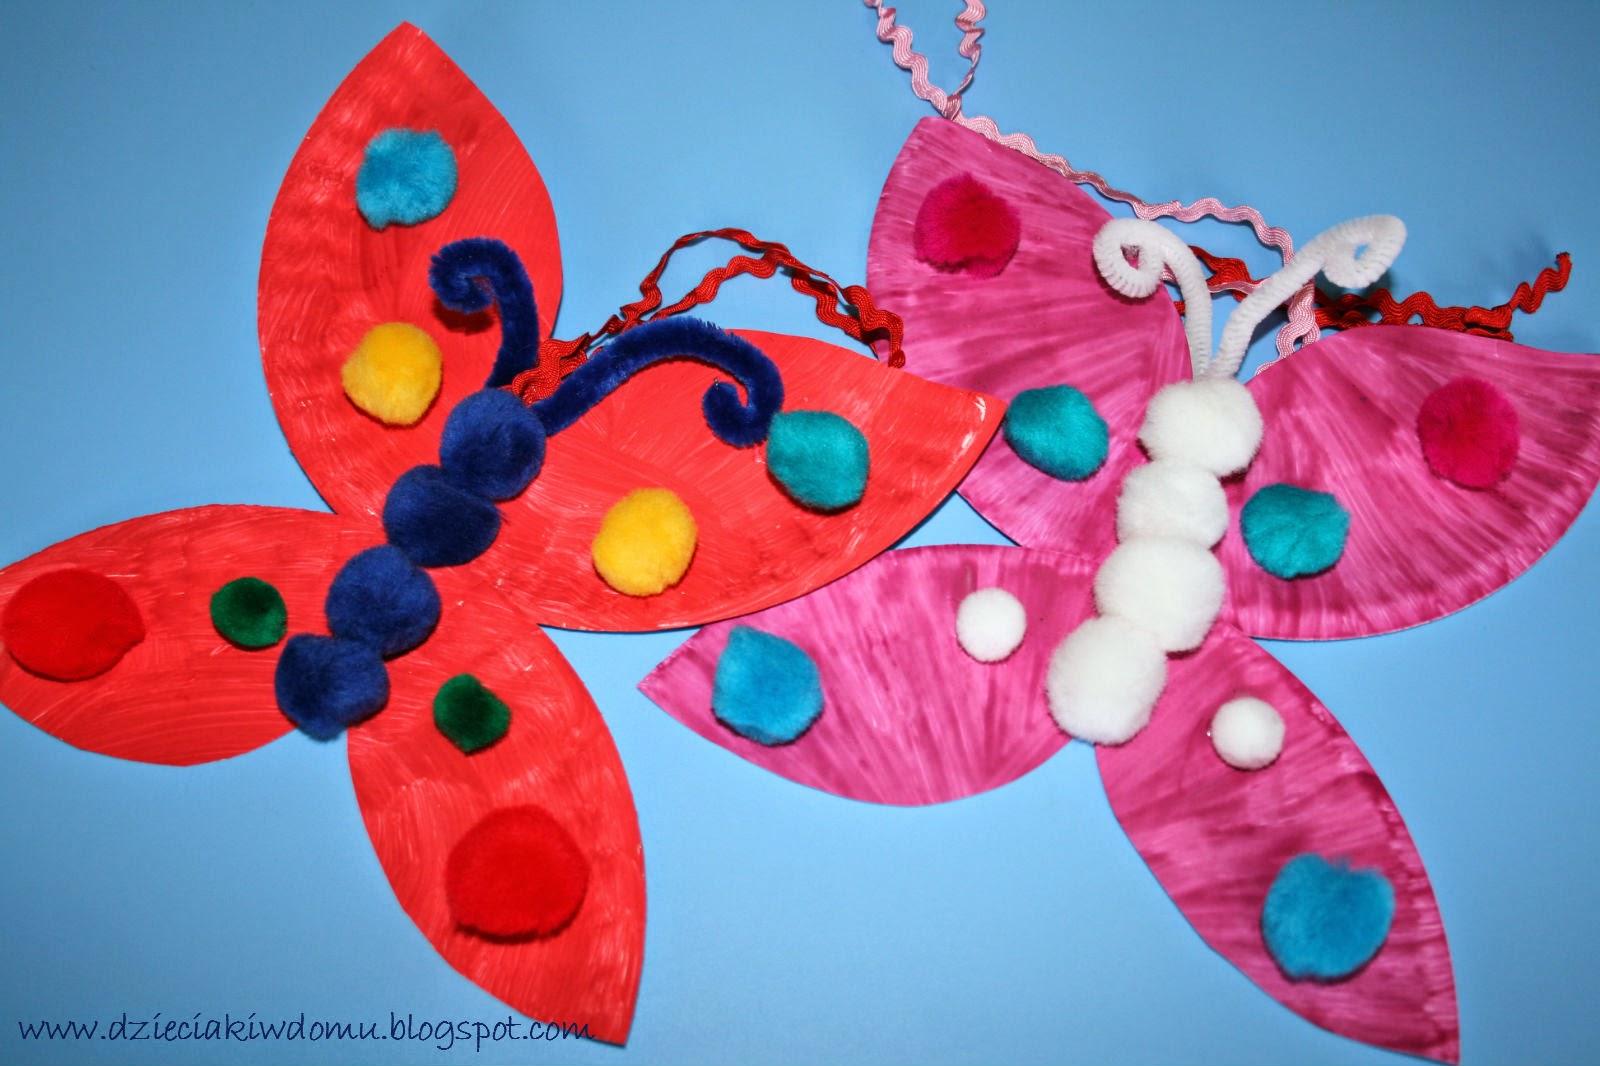 kreatywne motyle z talerzyków papierowych, praca plastyczna dla dzieci